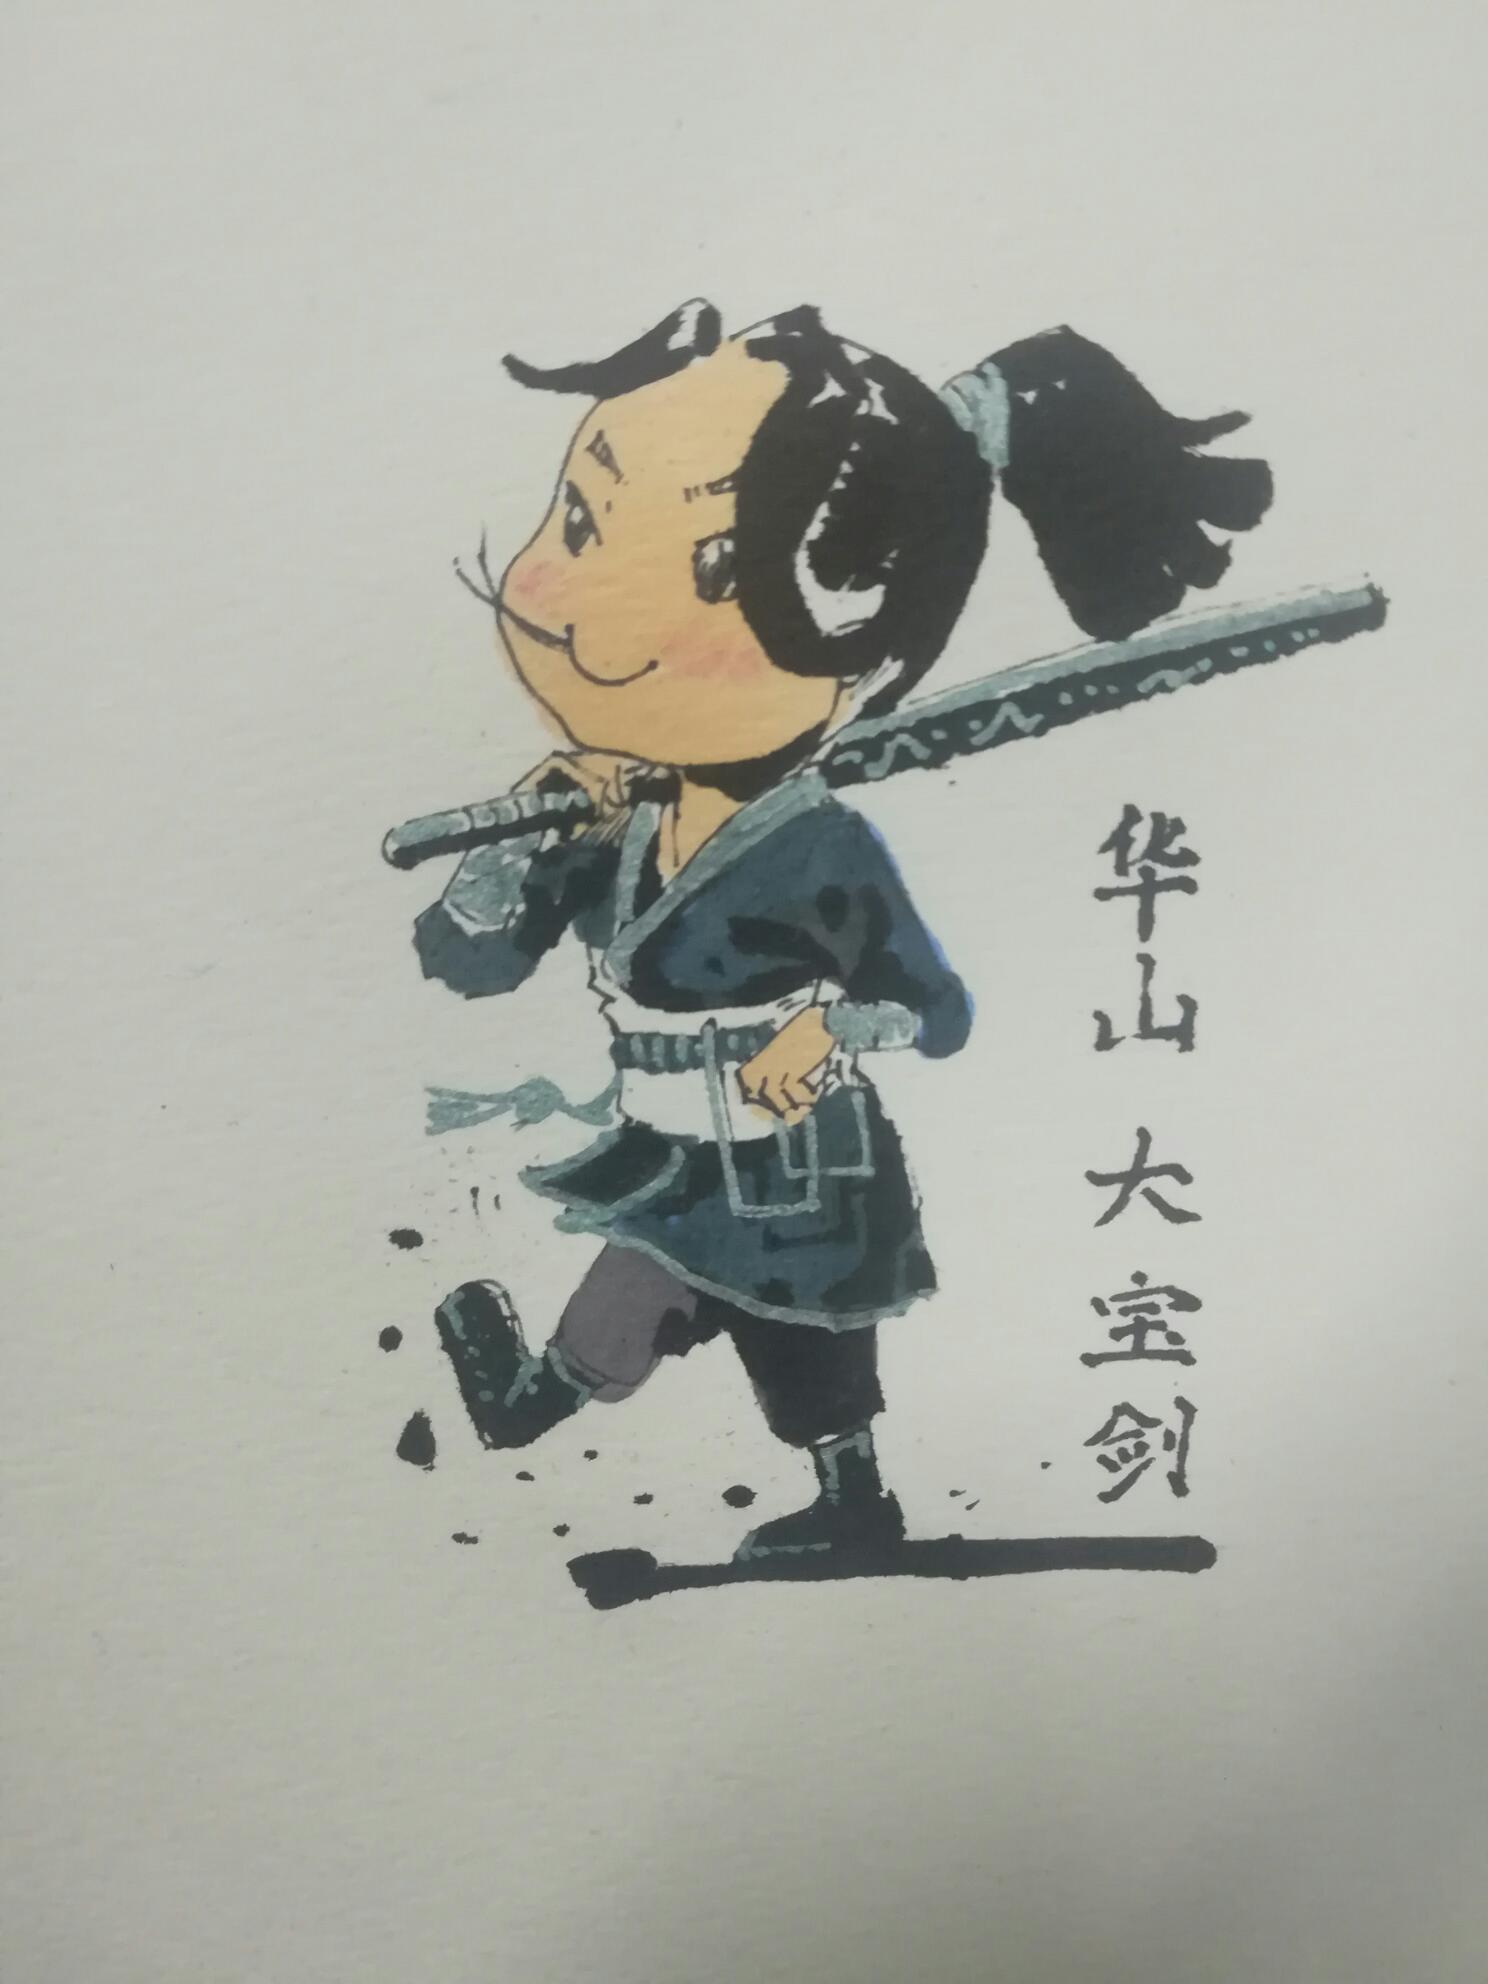 【江湖笔墨客】华山大宝剑